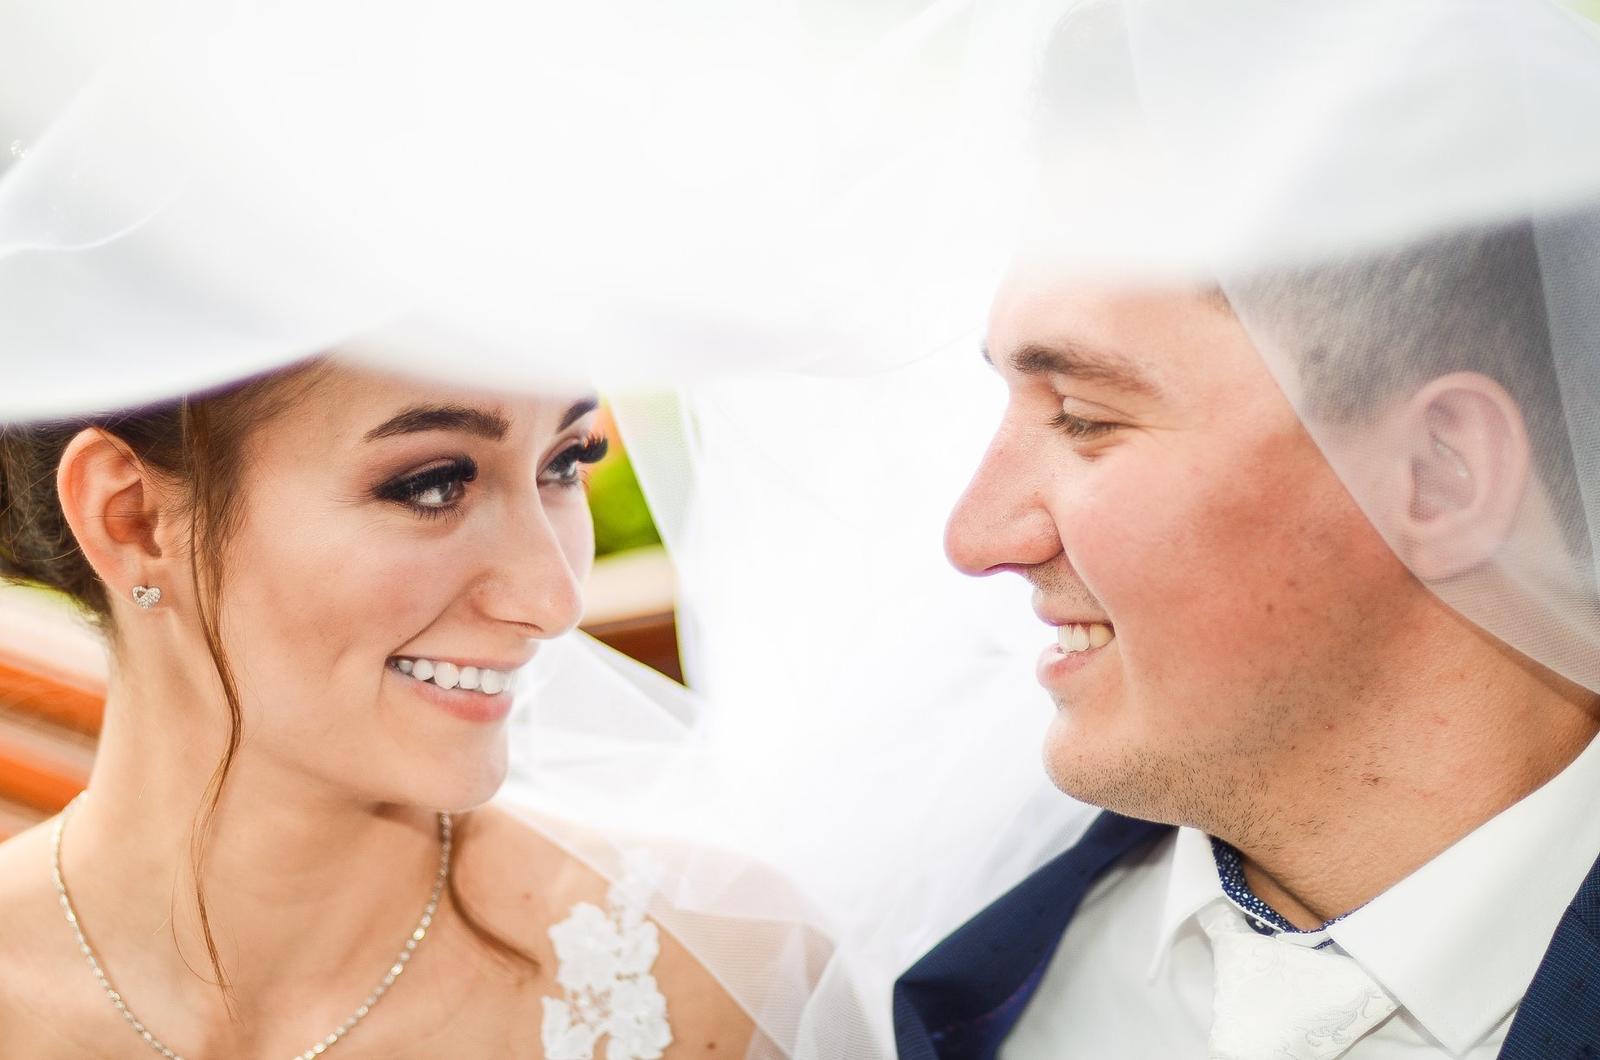 Cena za celodenní svatební focení 8000kč 😊 - Obrázek č. 1